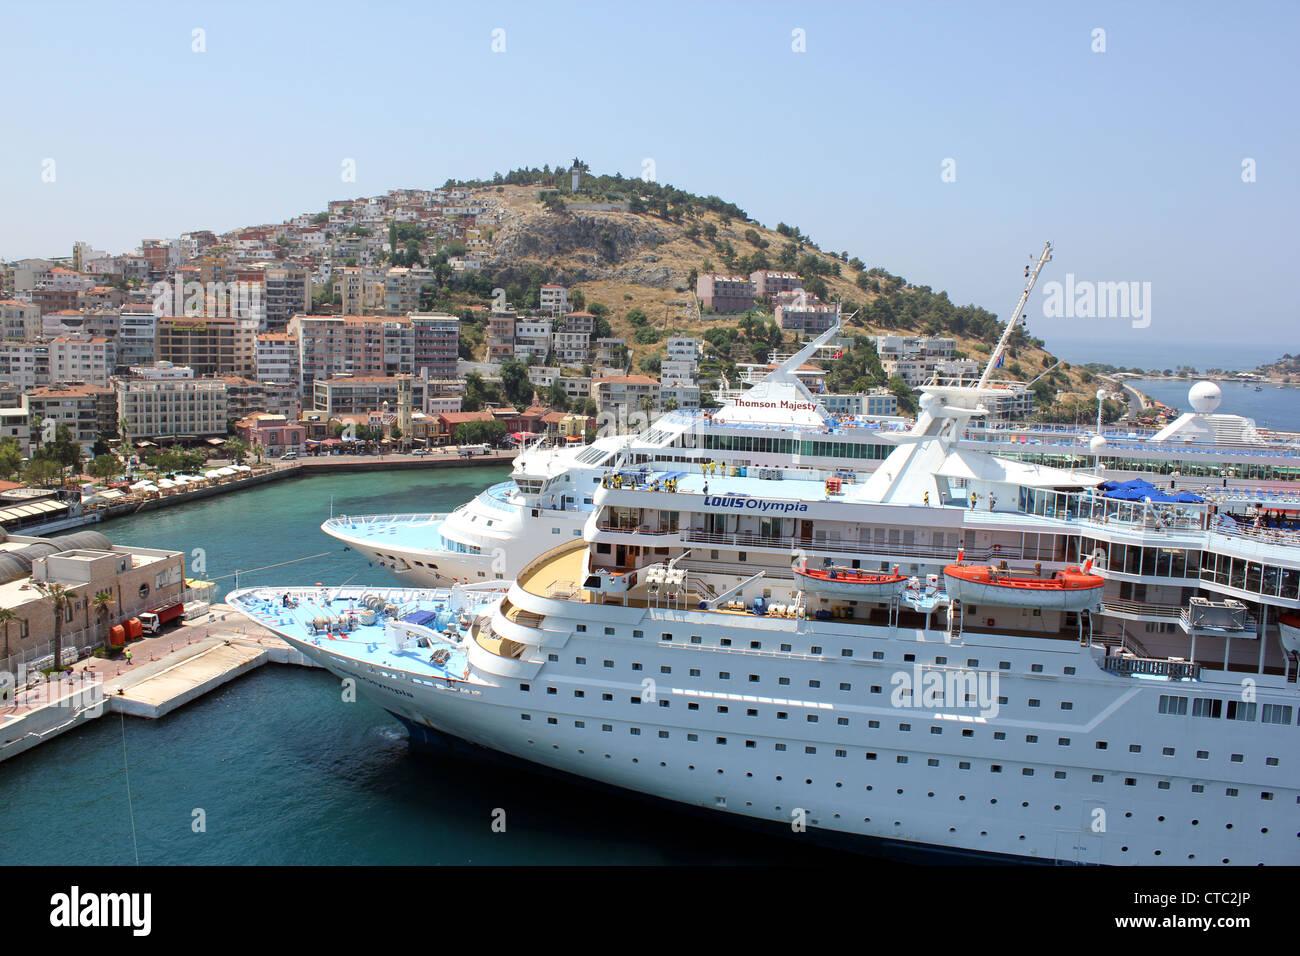 Cruise ships docked at Kusadasi, Louis Olympia and Thomson Majesty, Turkey - Stock Image